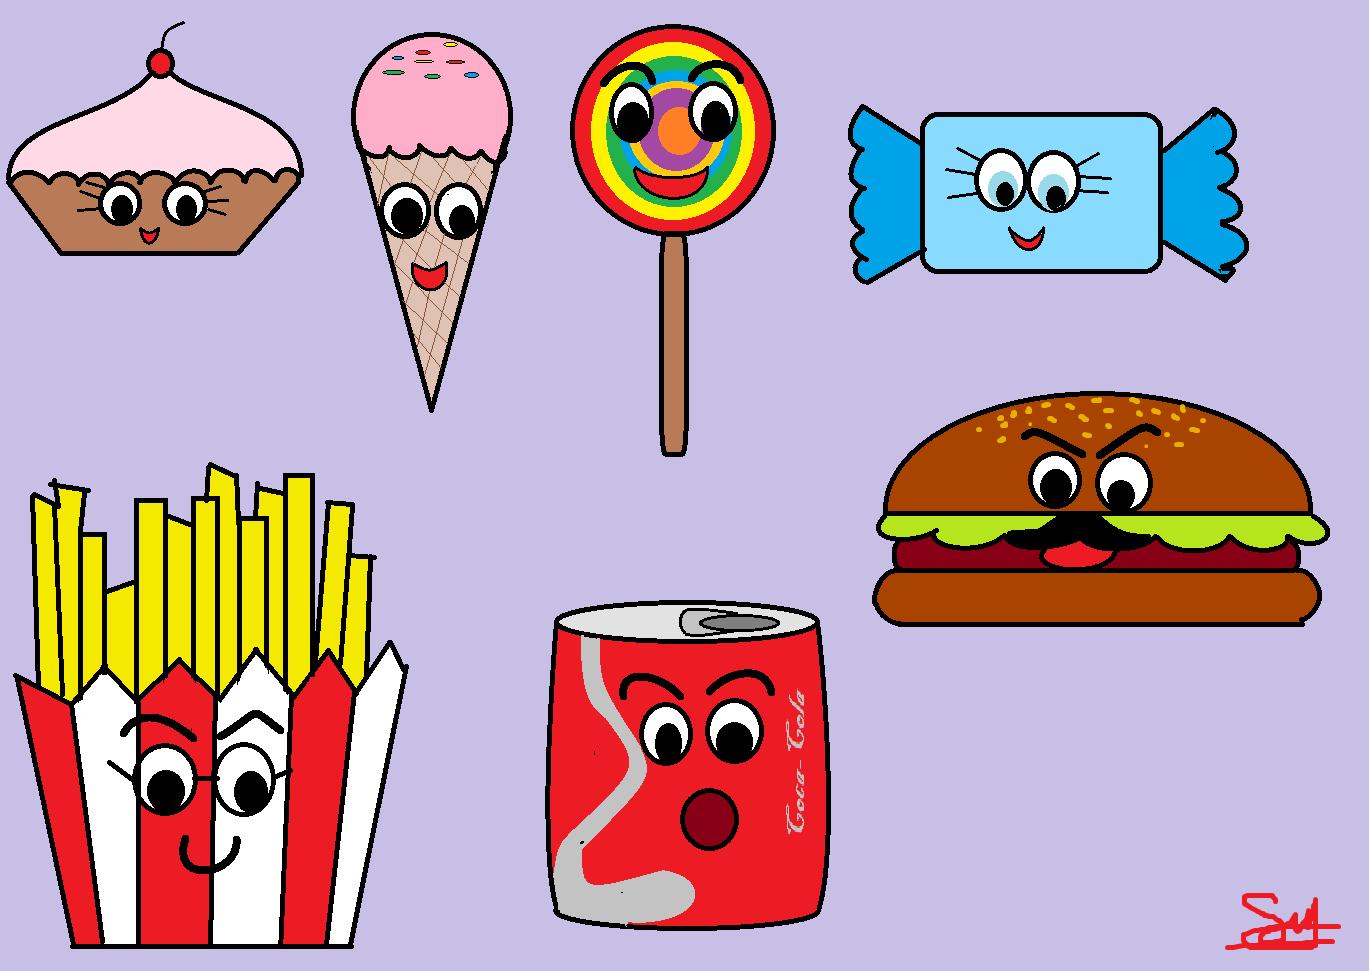 Terbaru 30 Gambar Gambar Kartun Png Gambar Makanan Kartun Hd Png Download Transparent Png Download Laughter Smile Outline Lips Beaut Kartun Gambar Makanan